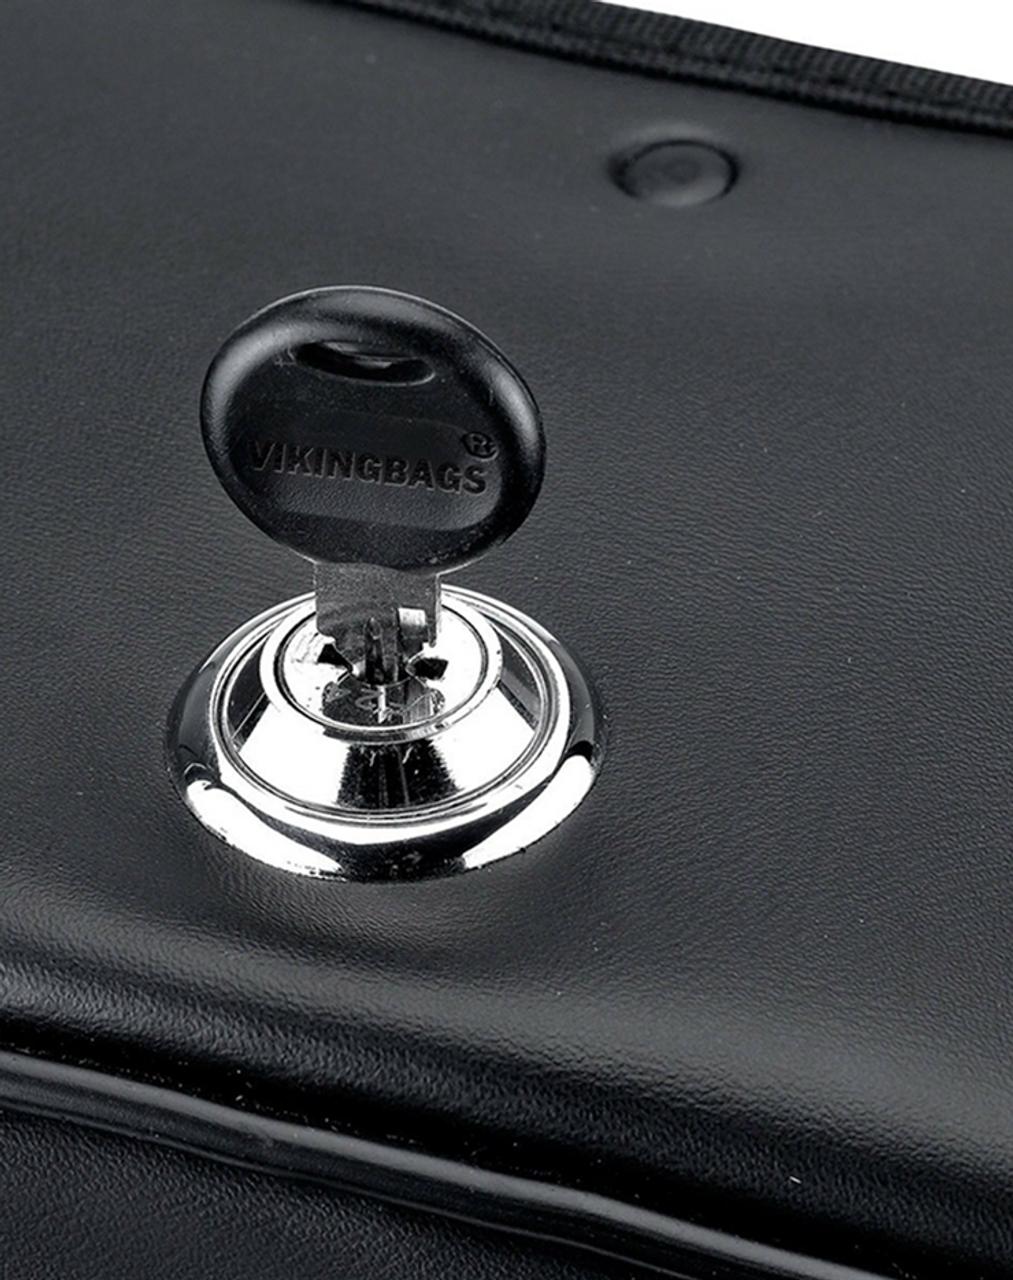 Yamaha Stryker Charger double Straps Slanted Studded Medium Motorcycle Saddlebags lock key view